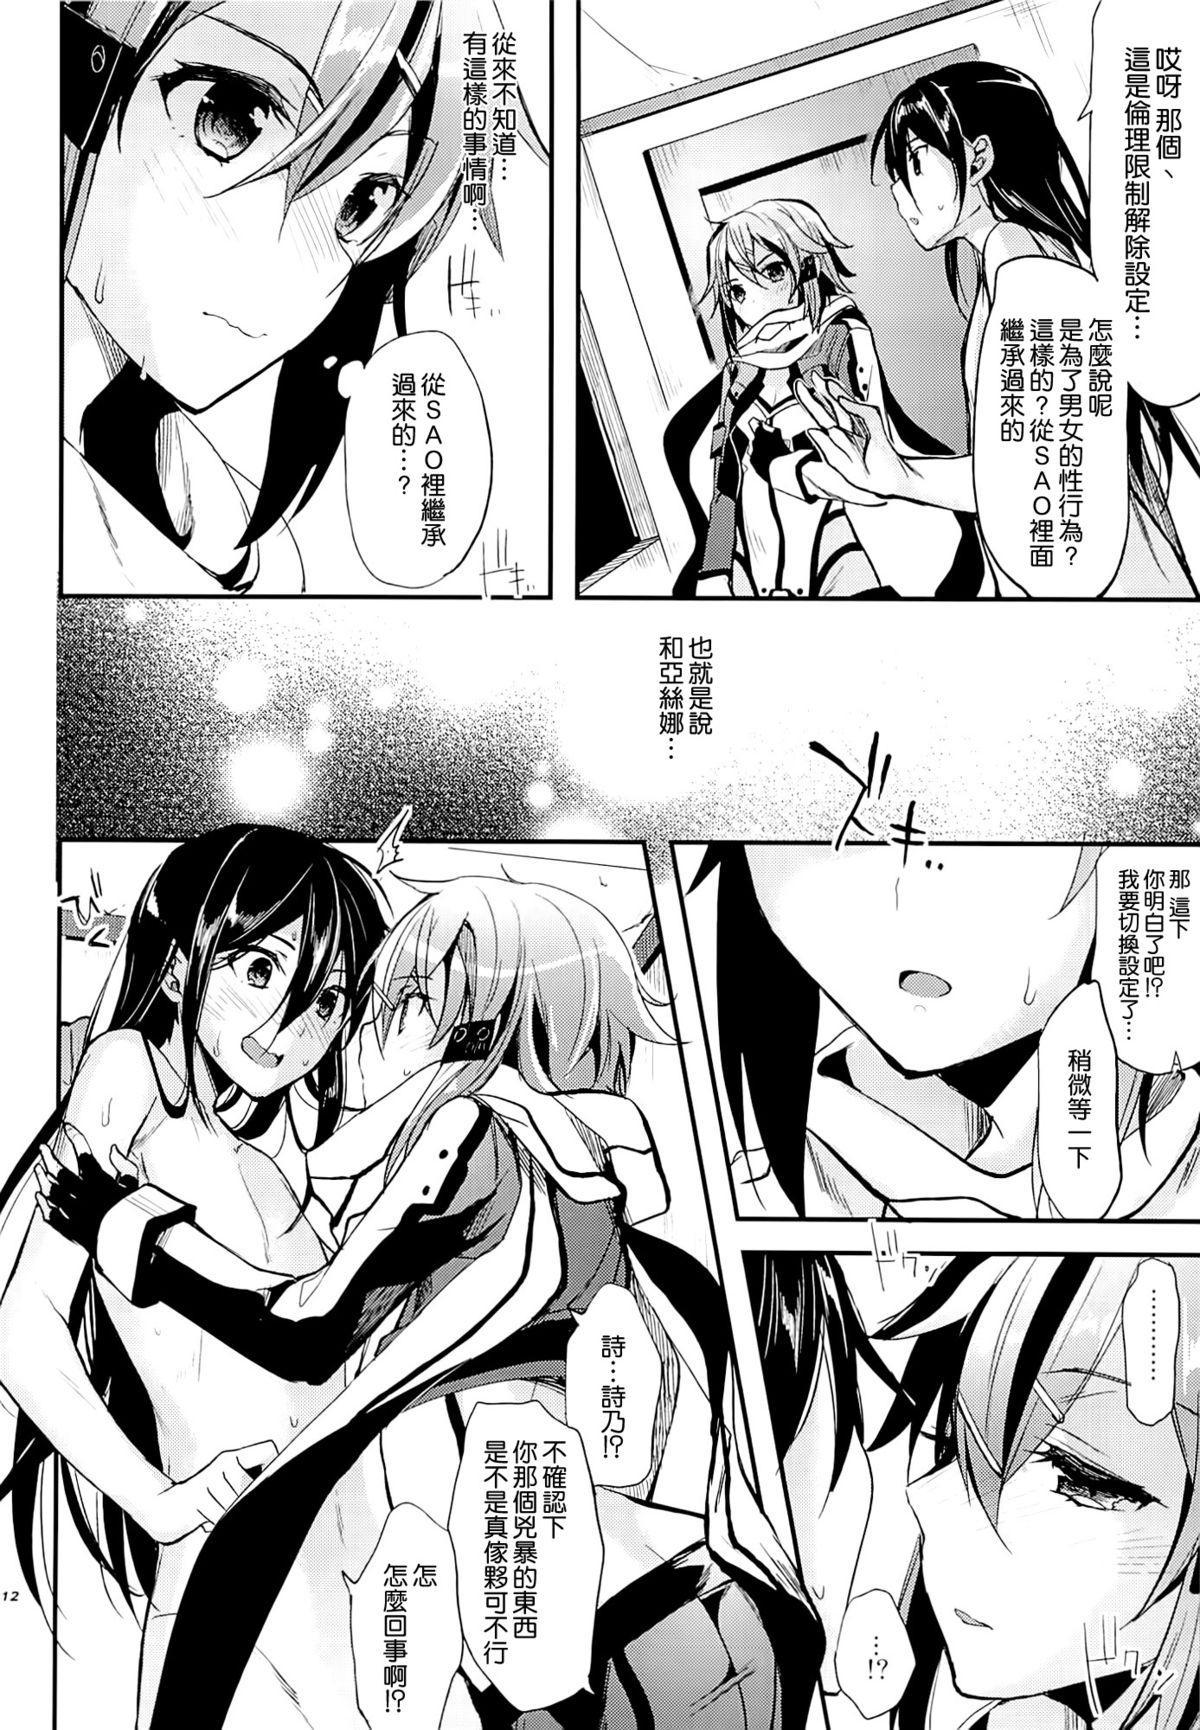 Yosokusen o Koete 10